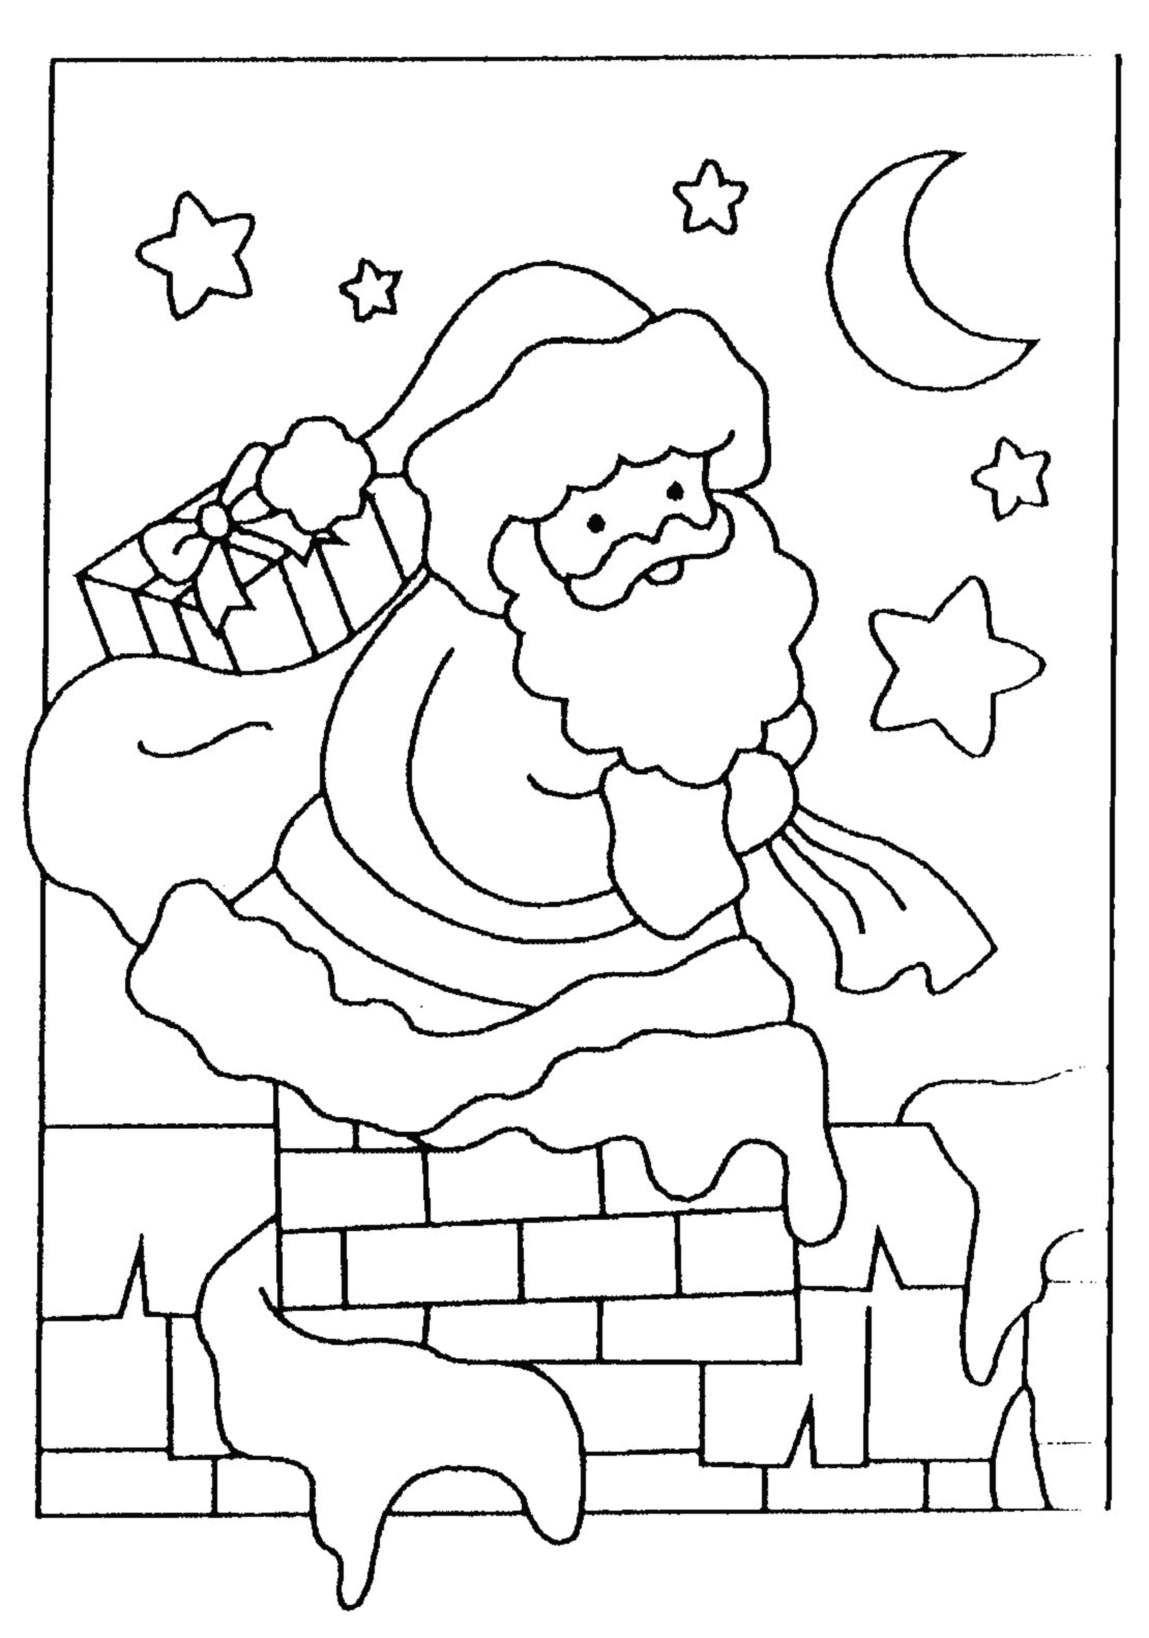 Pere Noel Cheminee - Coloriage Père Noël - Coloriages Pour Enfants